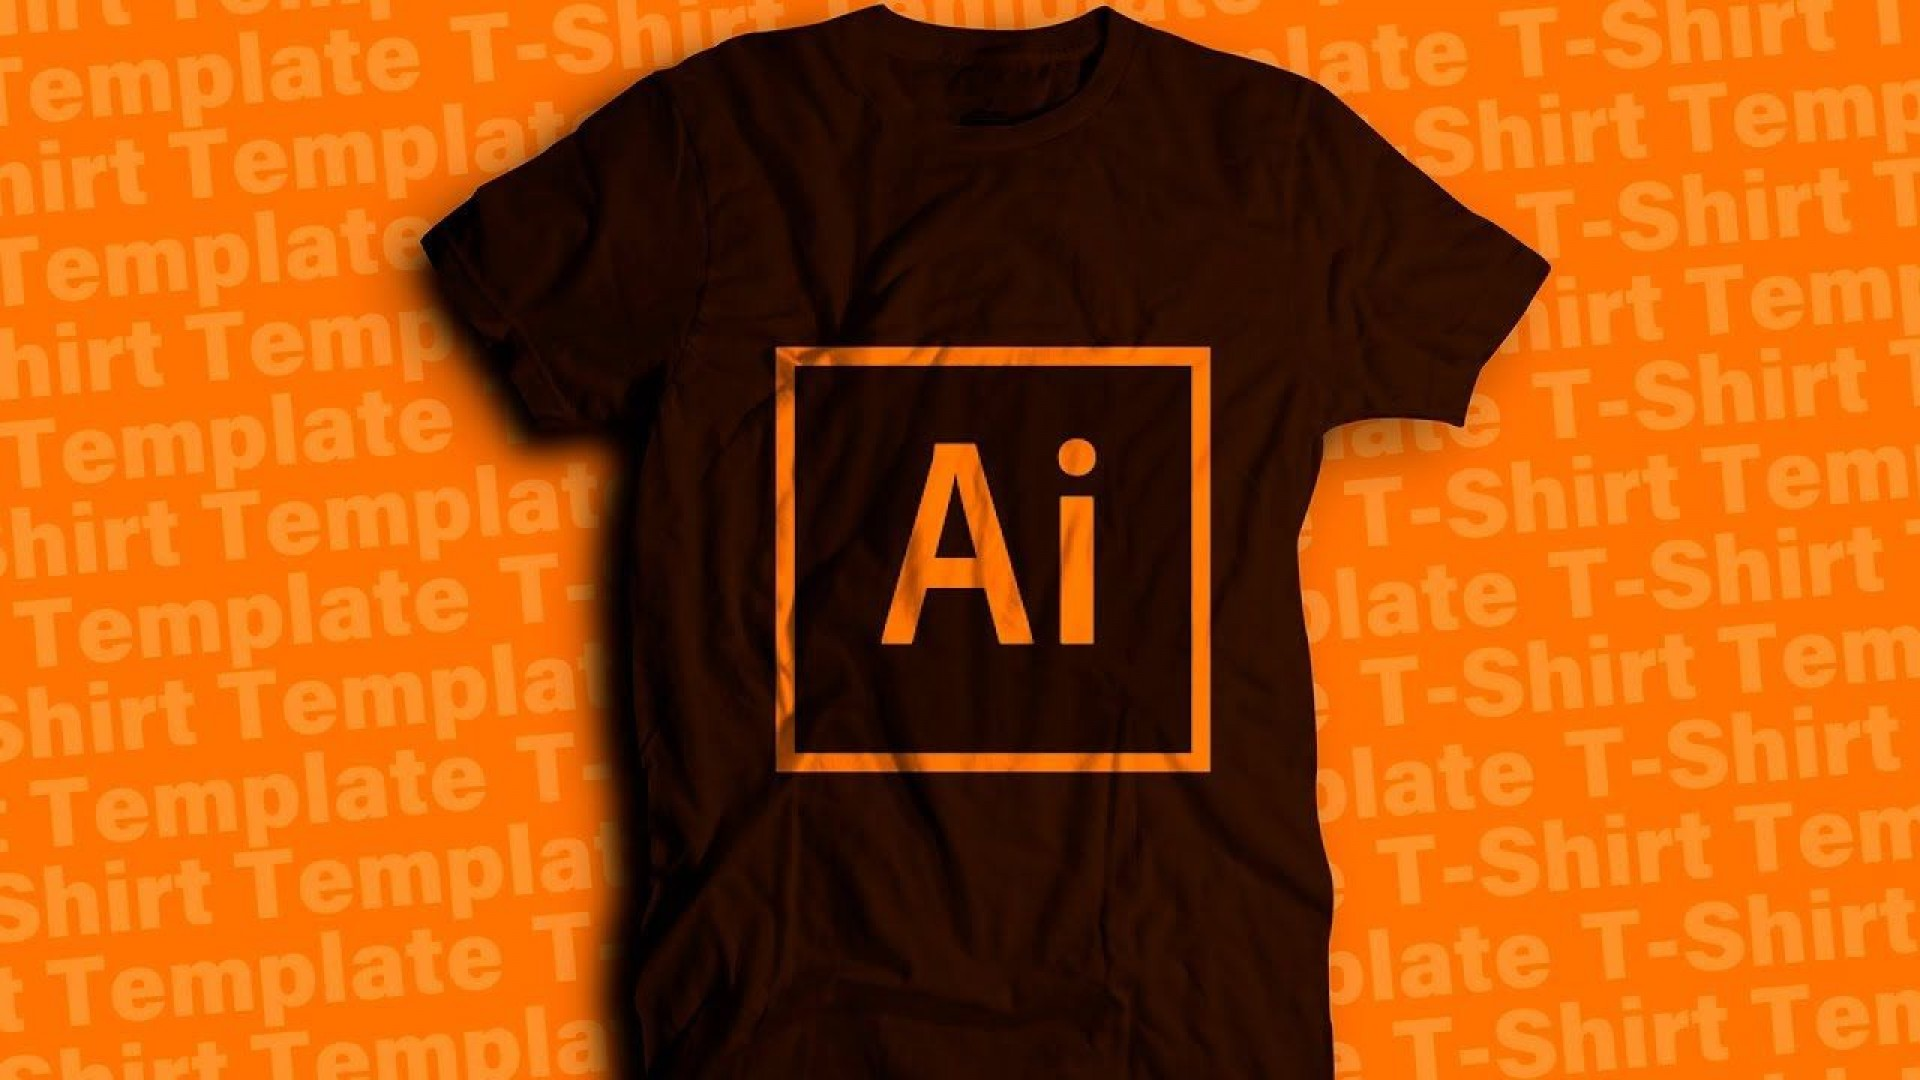 006 Best Tee Shirt Design Template Ai Concept 1920